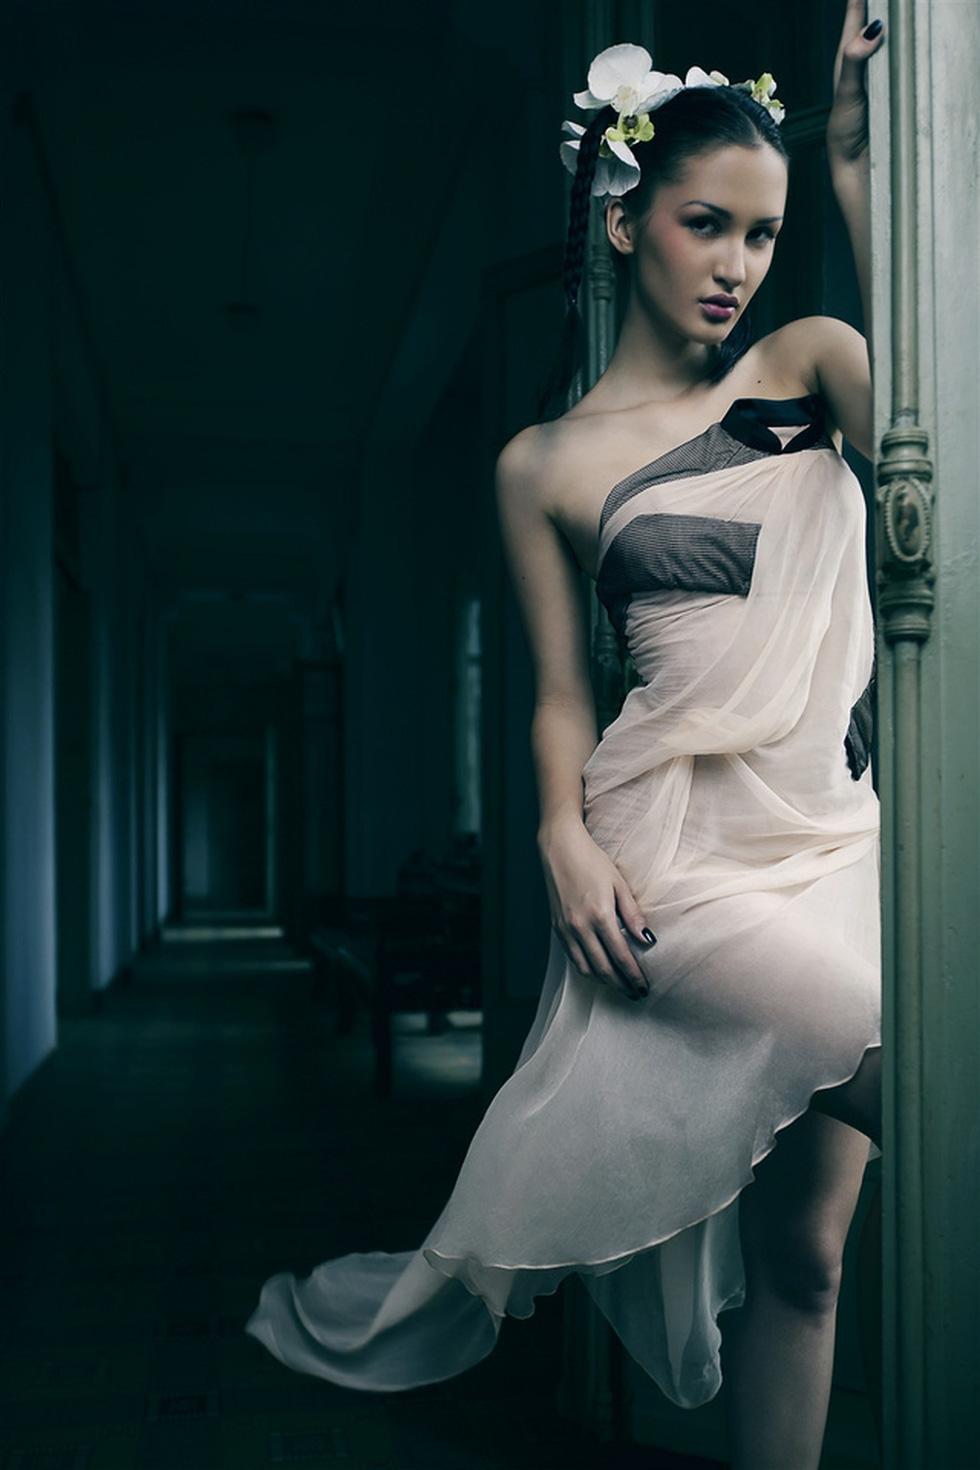 Nhà thiết kế Nguyễn Công Trí: Tôi tìm thấy bình an trong  chính mình - Ảnh 6.